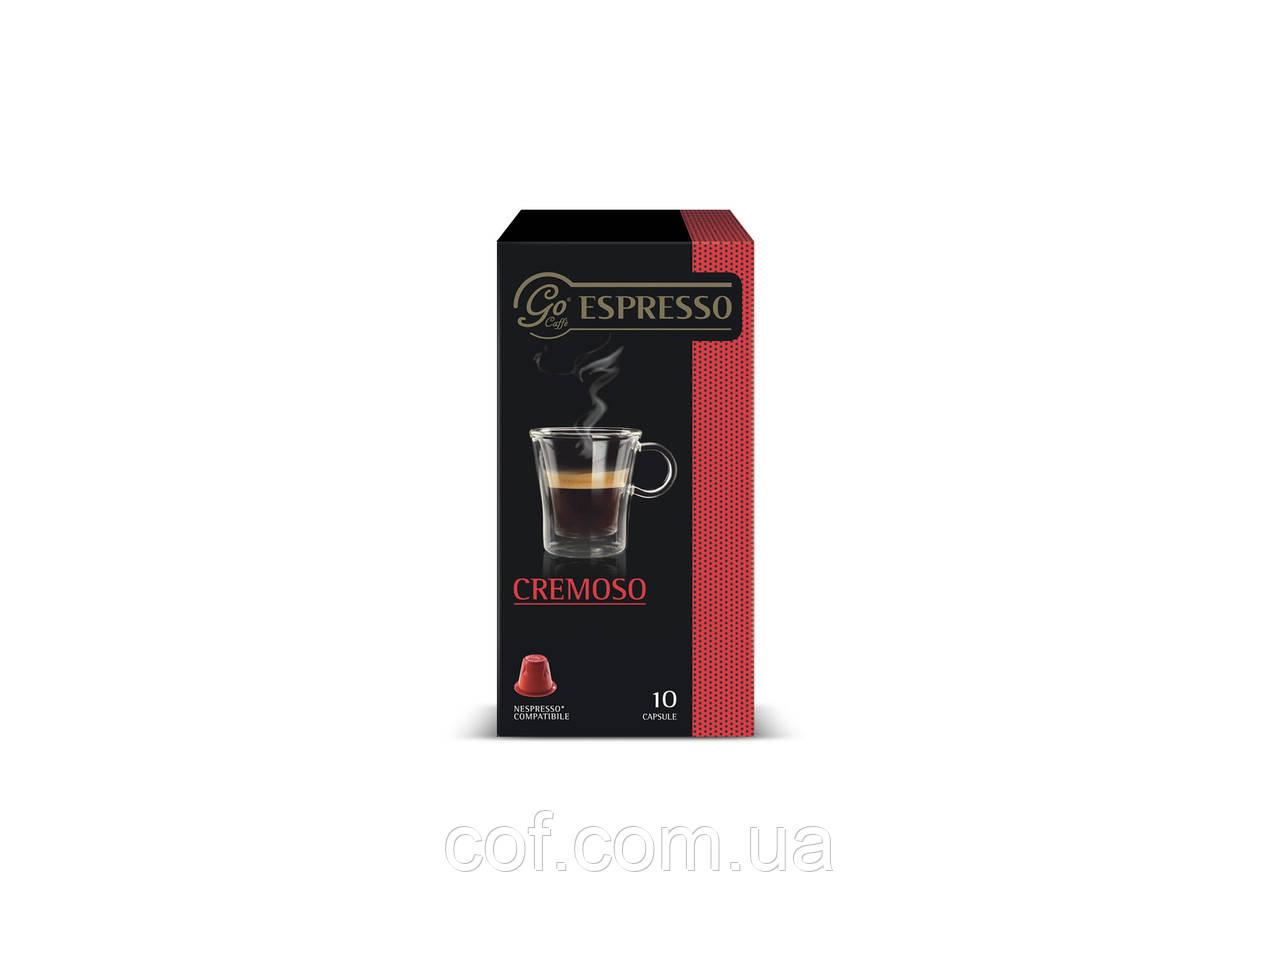 Кофе капсульный Go Caffe Espresso Cremoso (Nespresso) 10шт